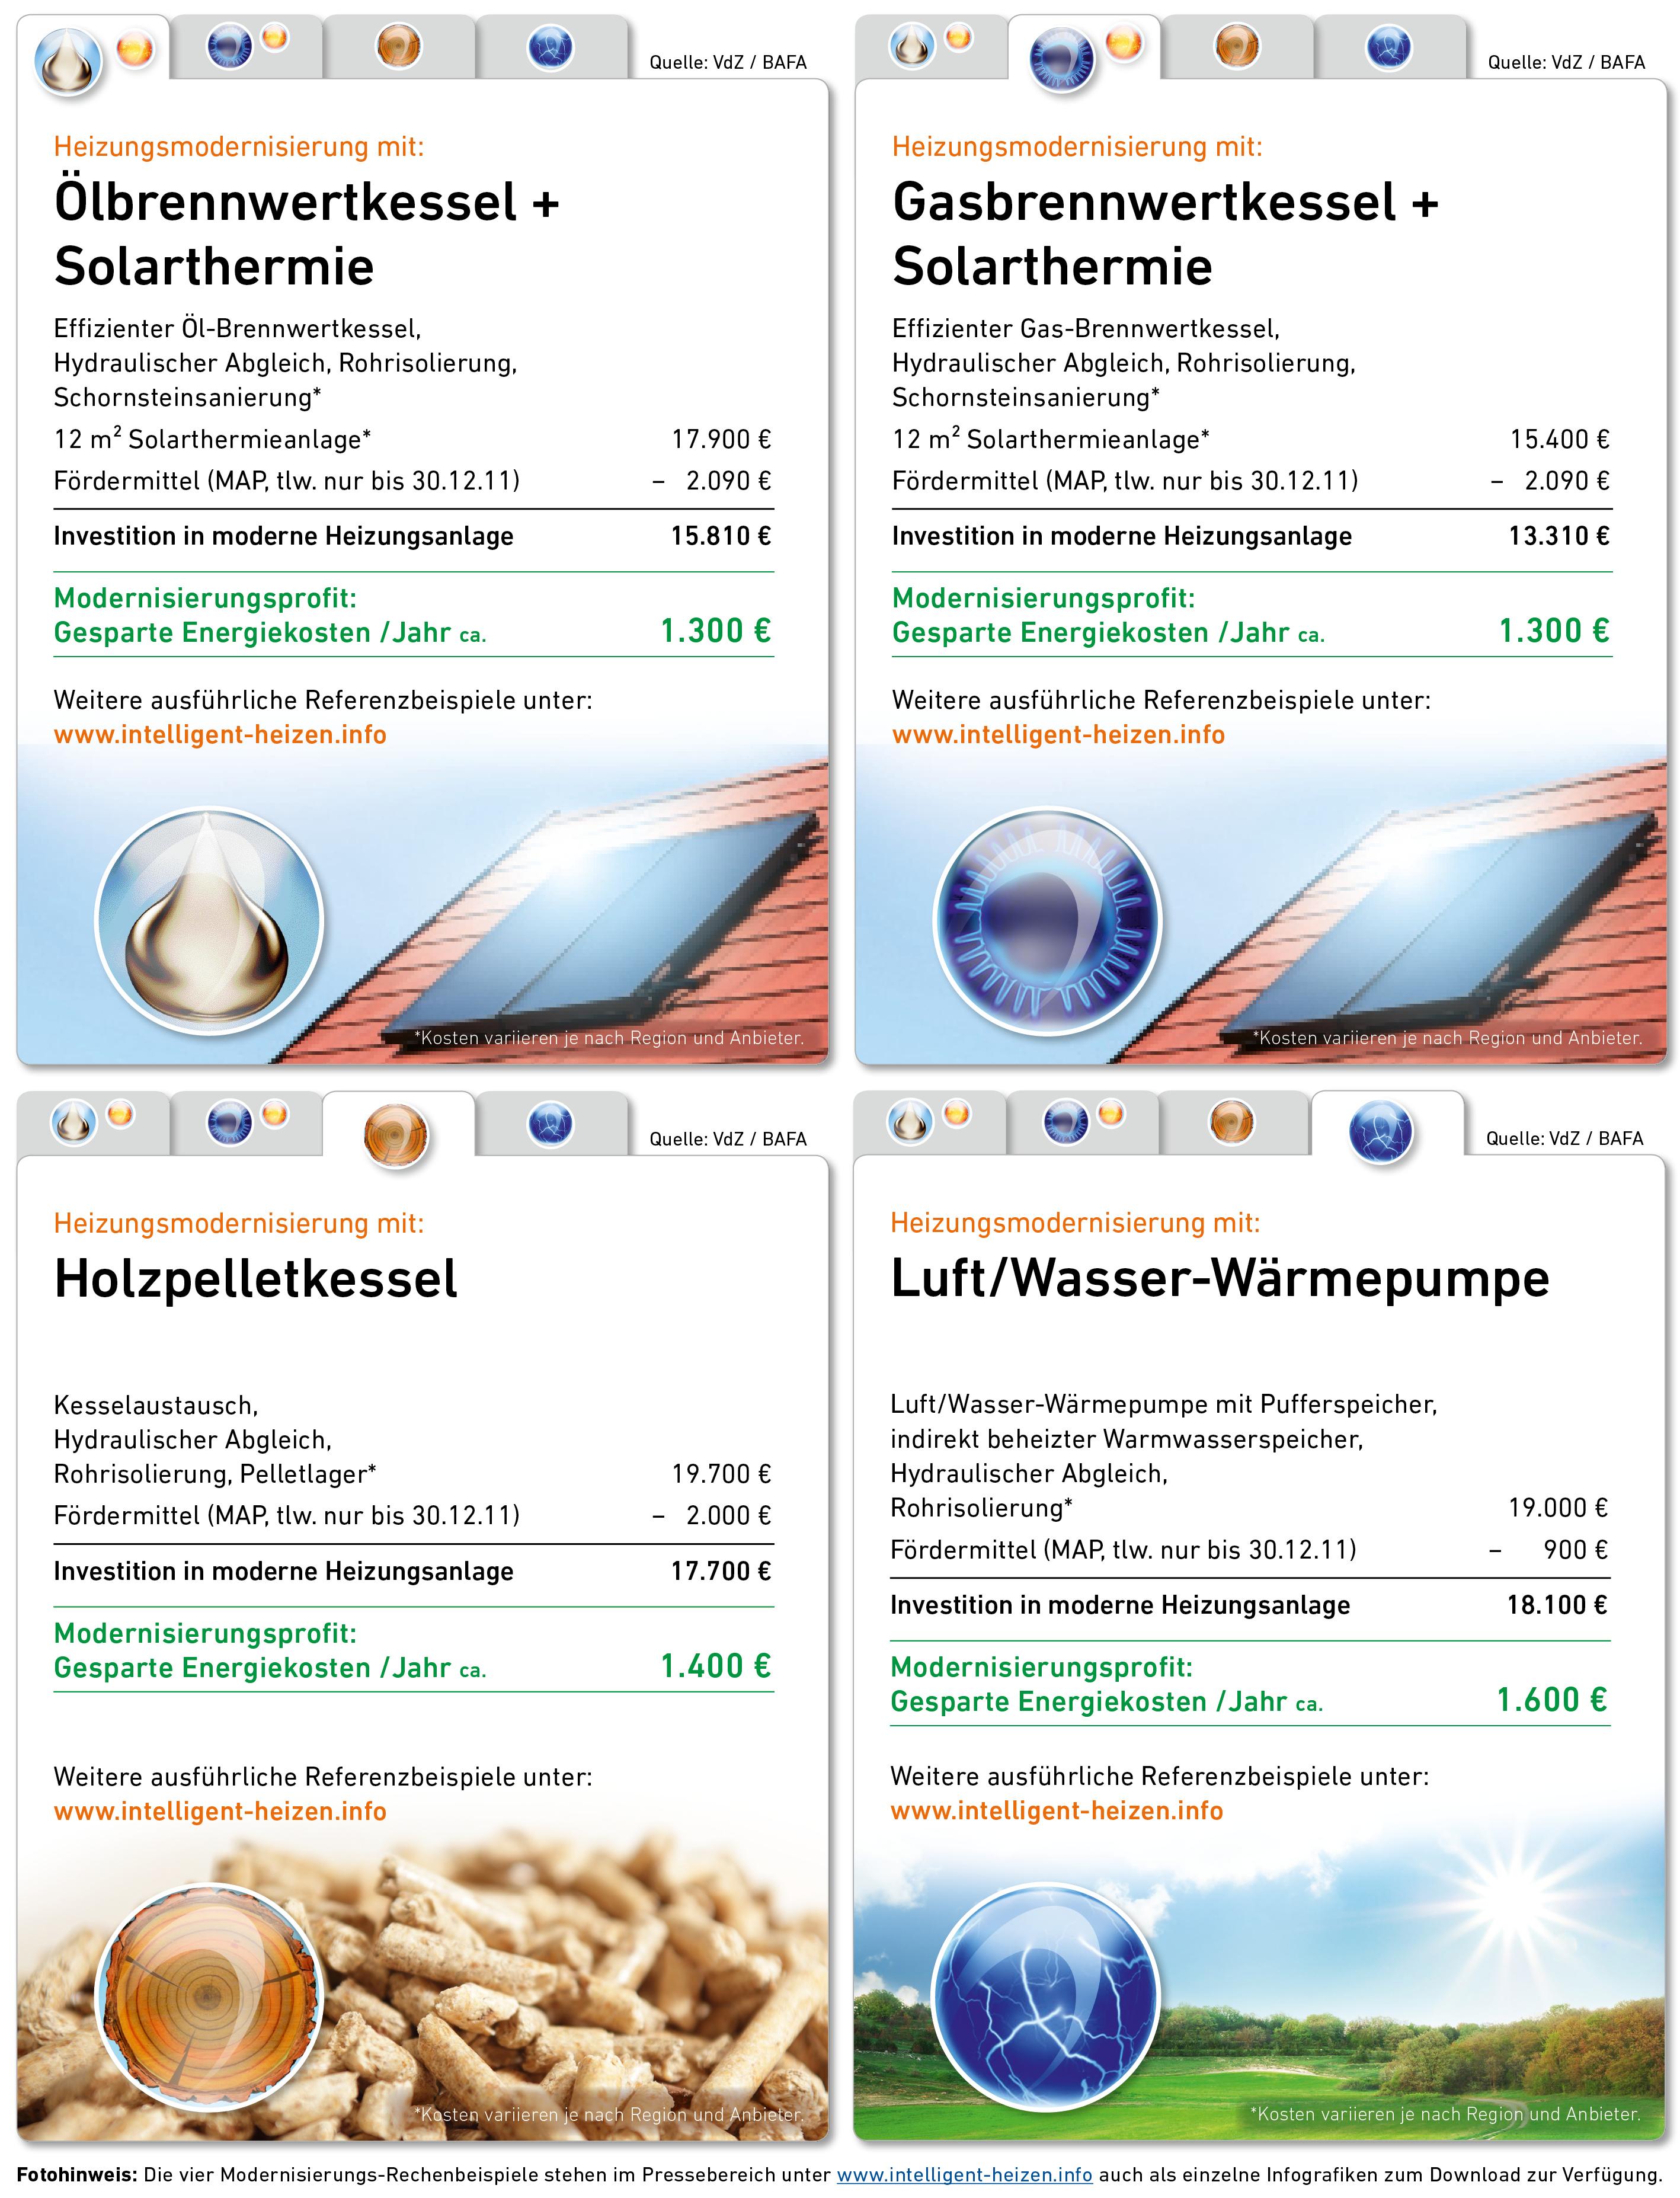 Moderne Heizung steigert den Wert der Immobilie / Bis 30.12.2011 erhšöhte Fšördergelder nutzen und Energiekosten reduzieren / Heizungsmodernisierung trŠägt zur Wertsteigerung von Immobilien bei